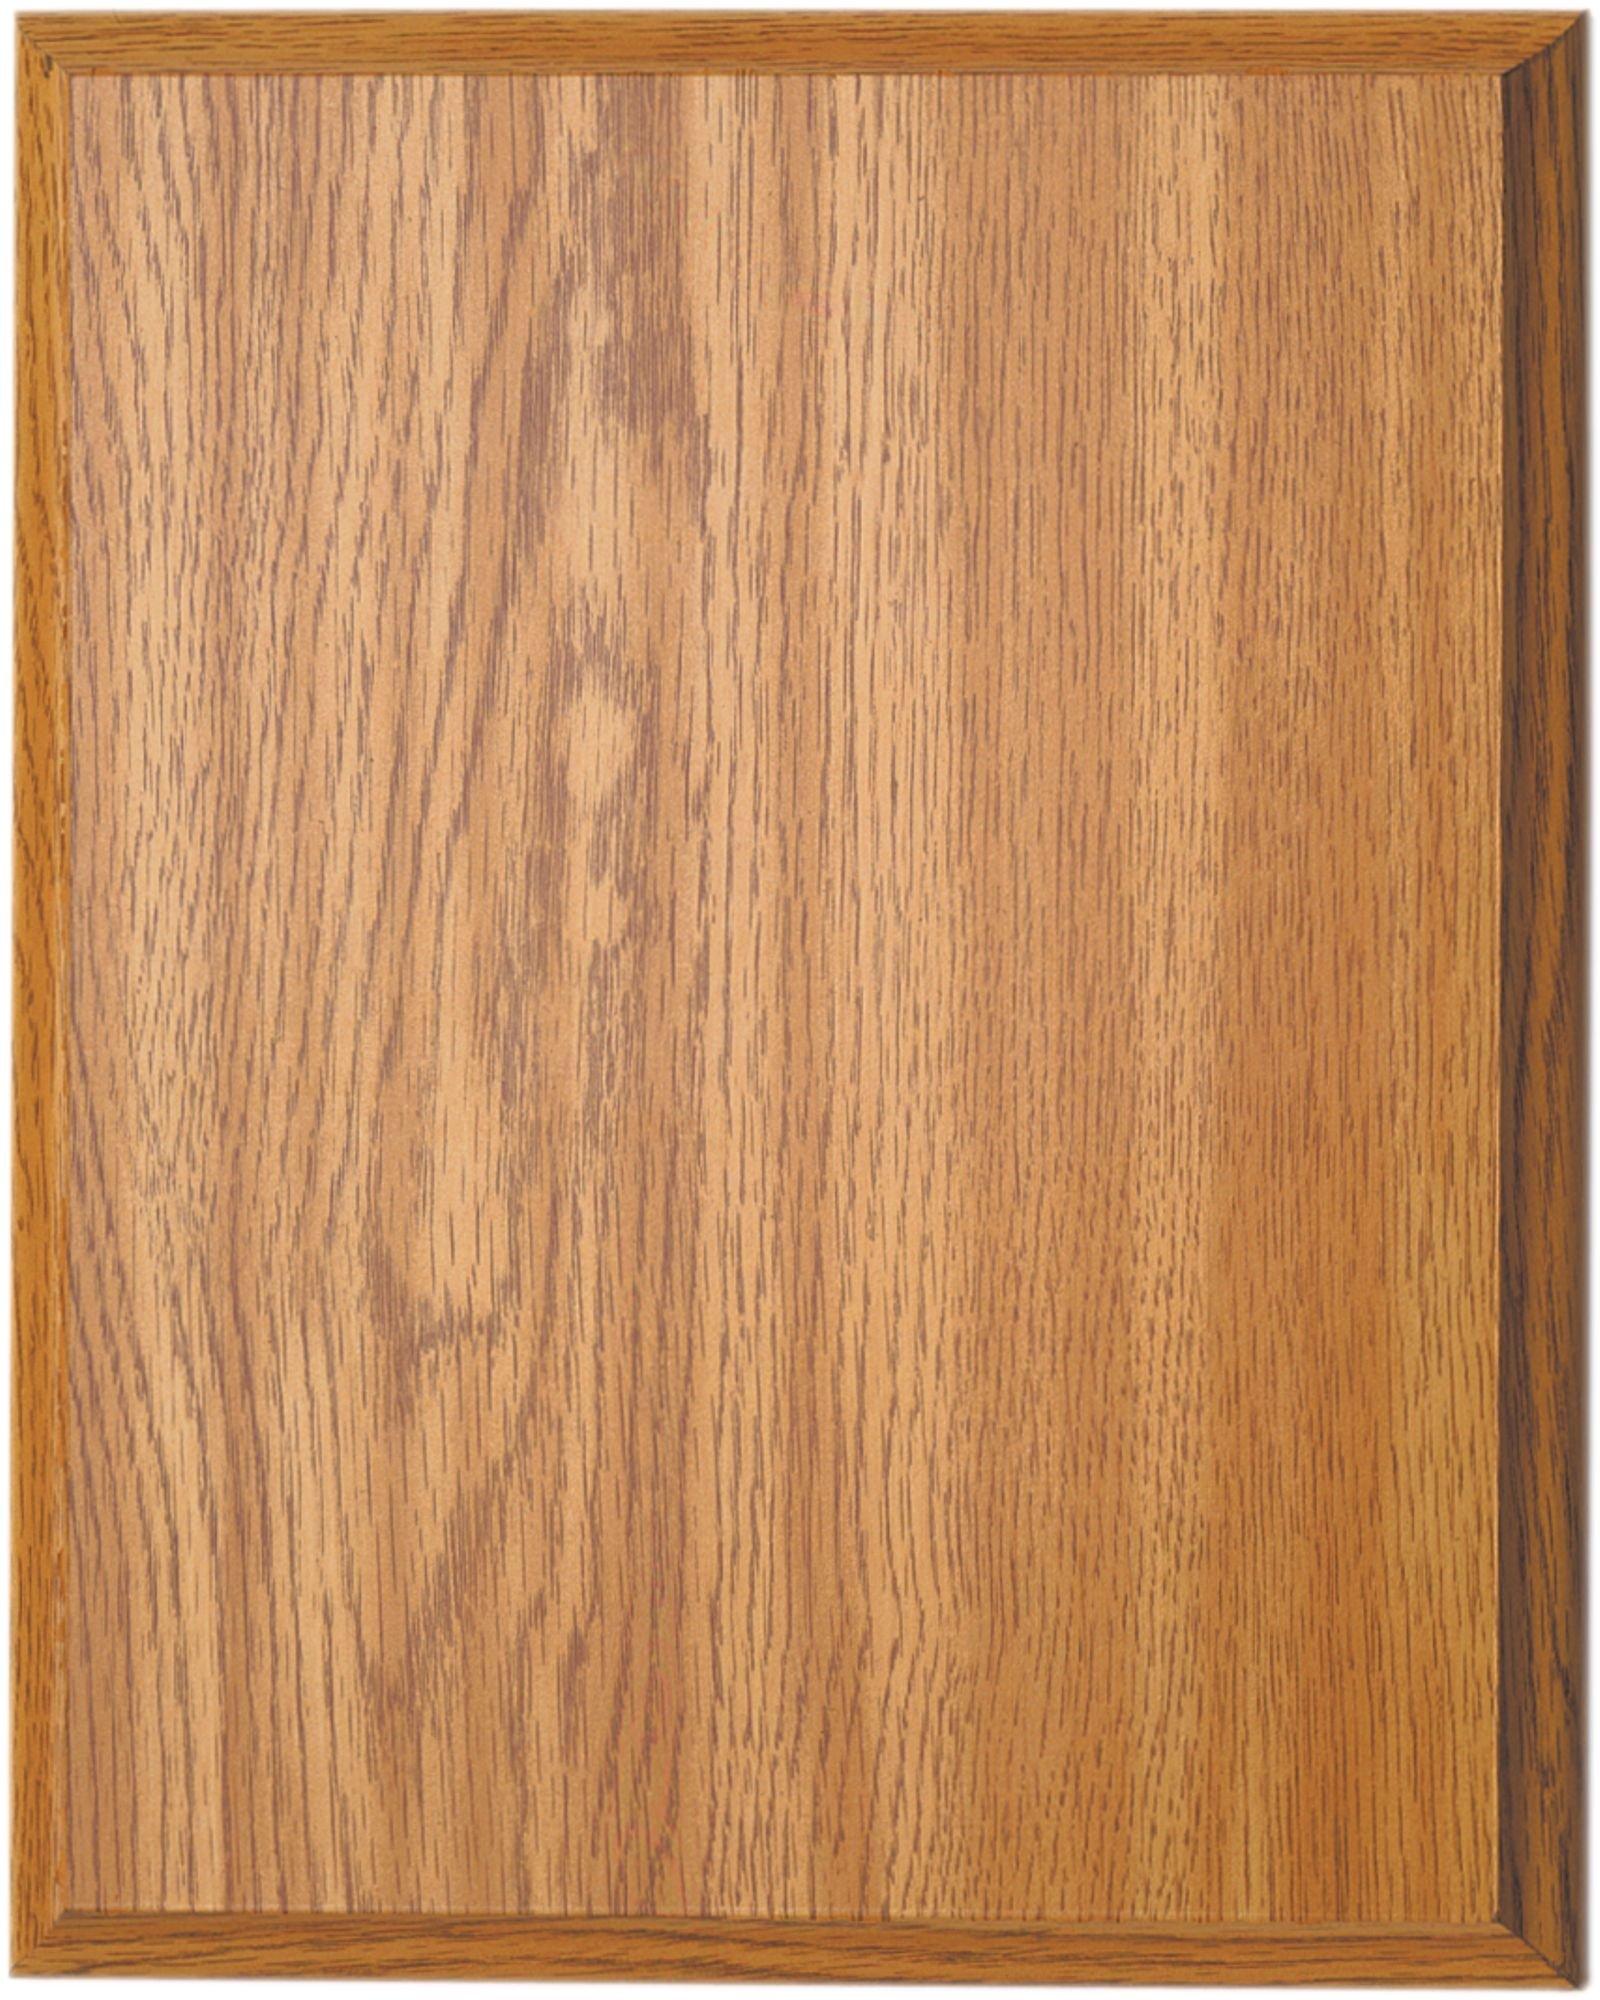 Ridgecrest Oak Finish Composite Wood Plaque, 6 by